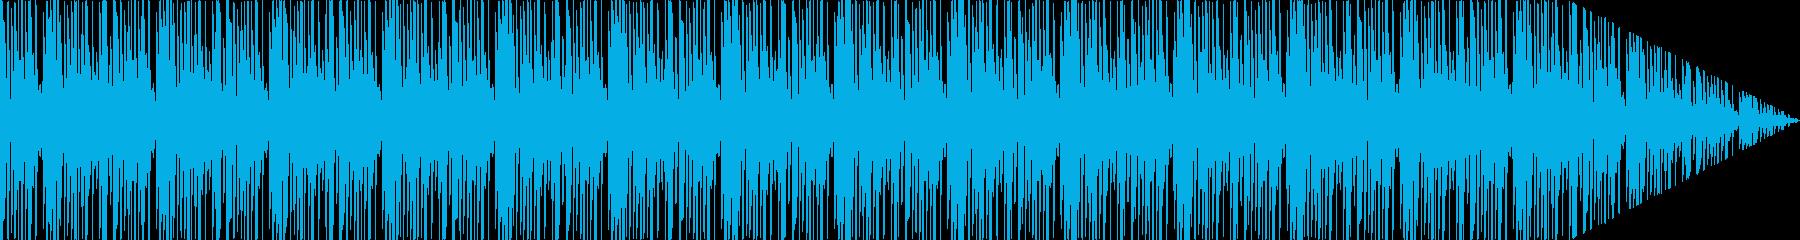 ループ。ジャングルドラムループとシ...の再生済みの波形